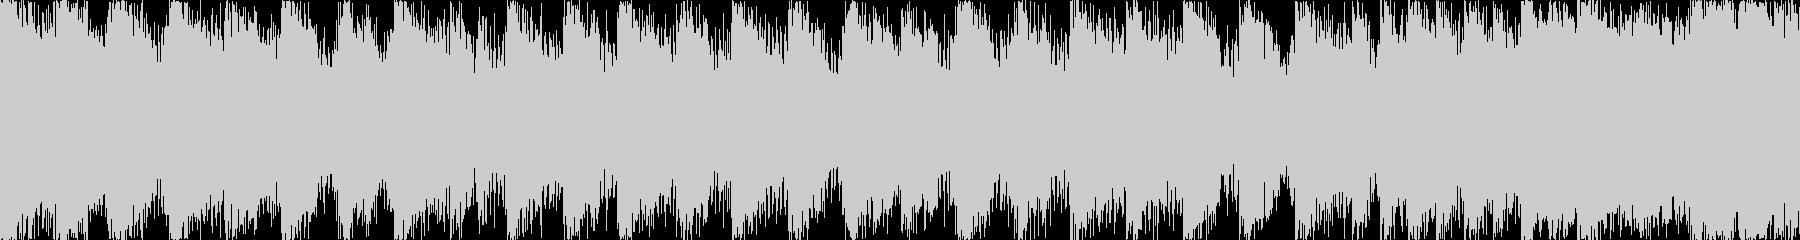 【ループE】ヘヴィーで攻撃的エレキギターの未再生の波形